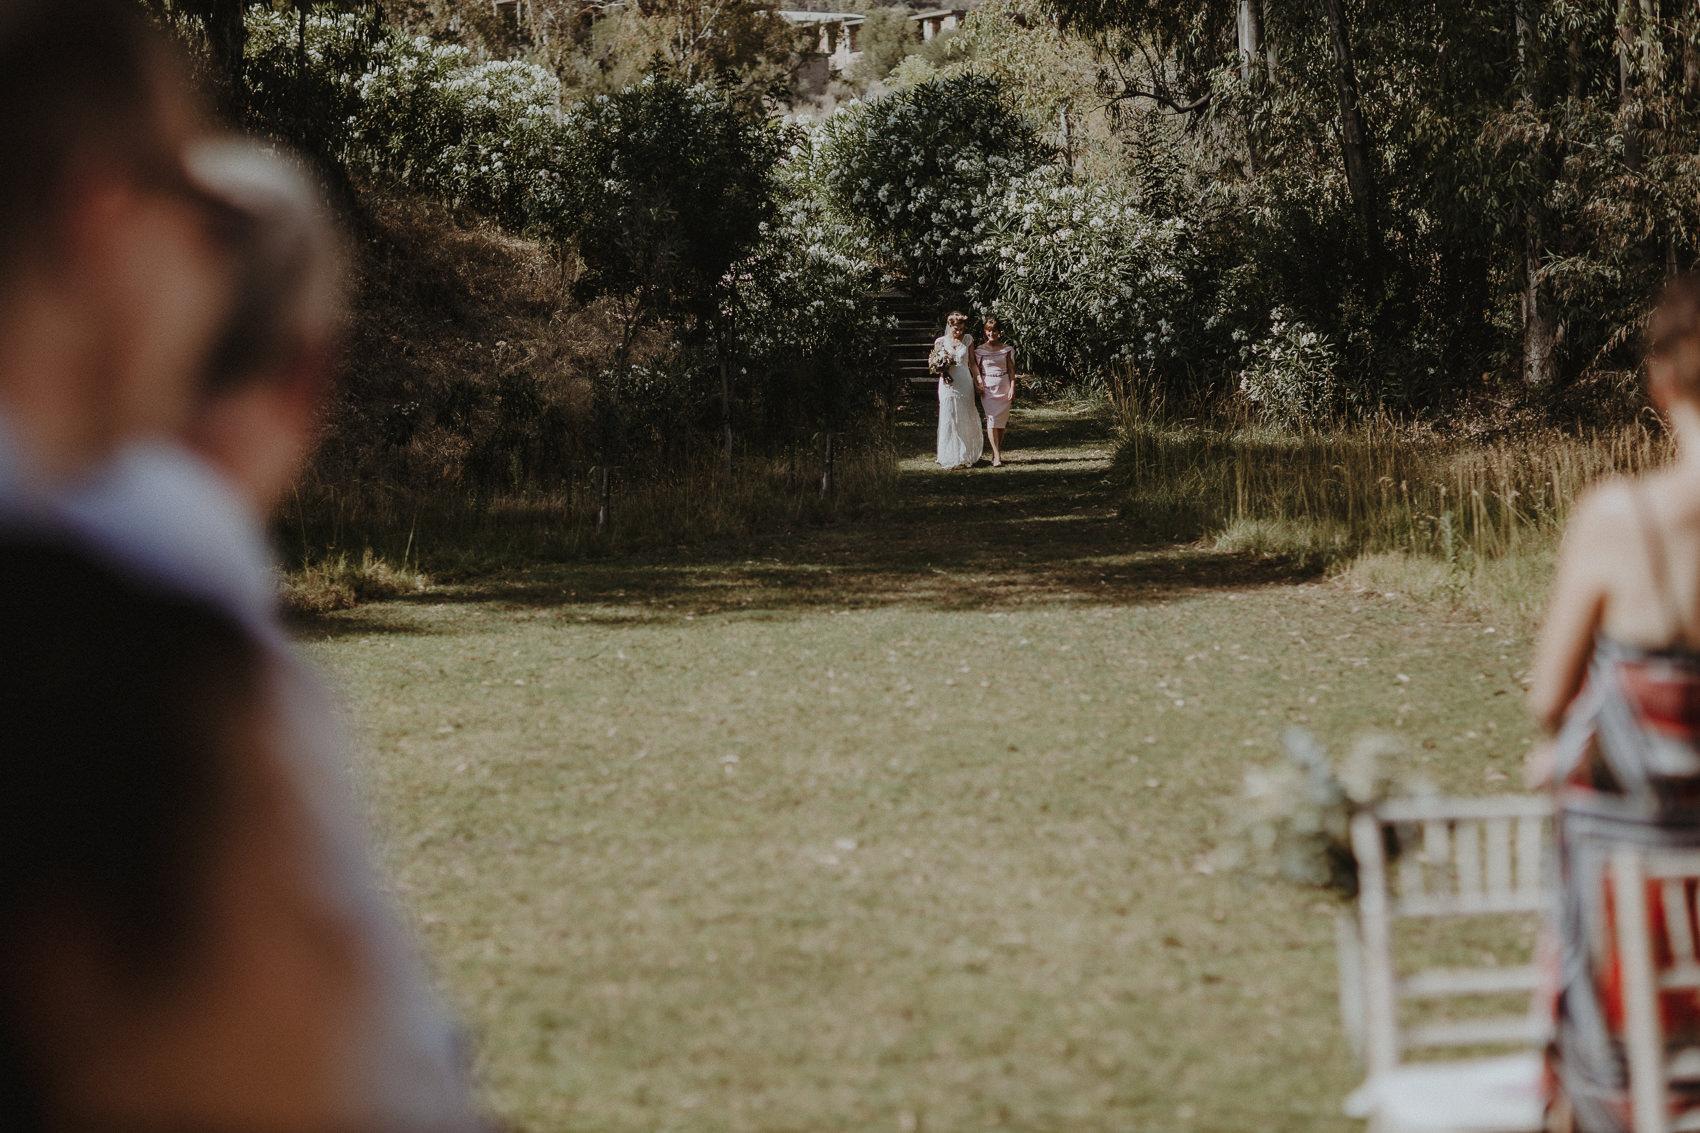 Sarah & Bill | Summer wedding at Cortijo Rosa Blanca | Marbella - Spain 69